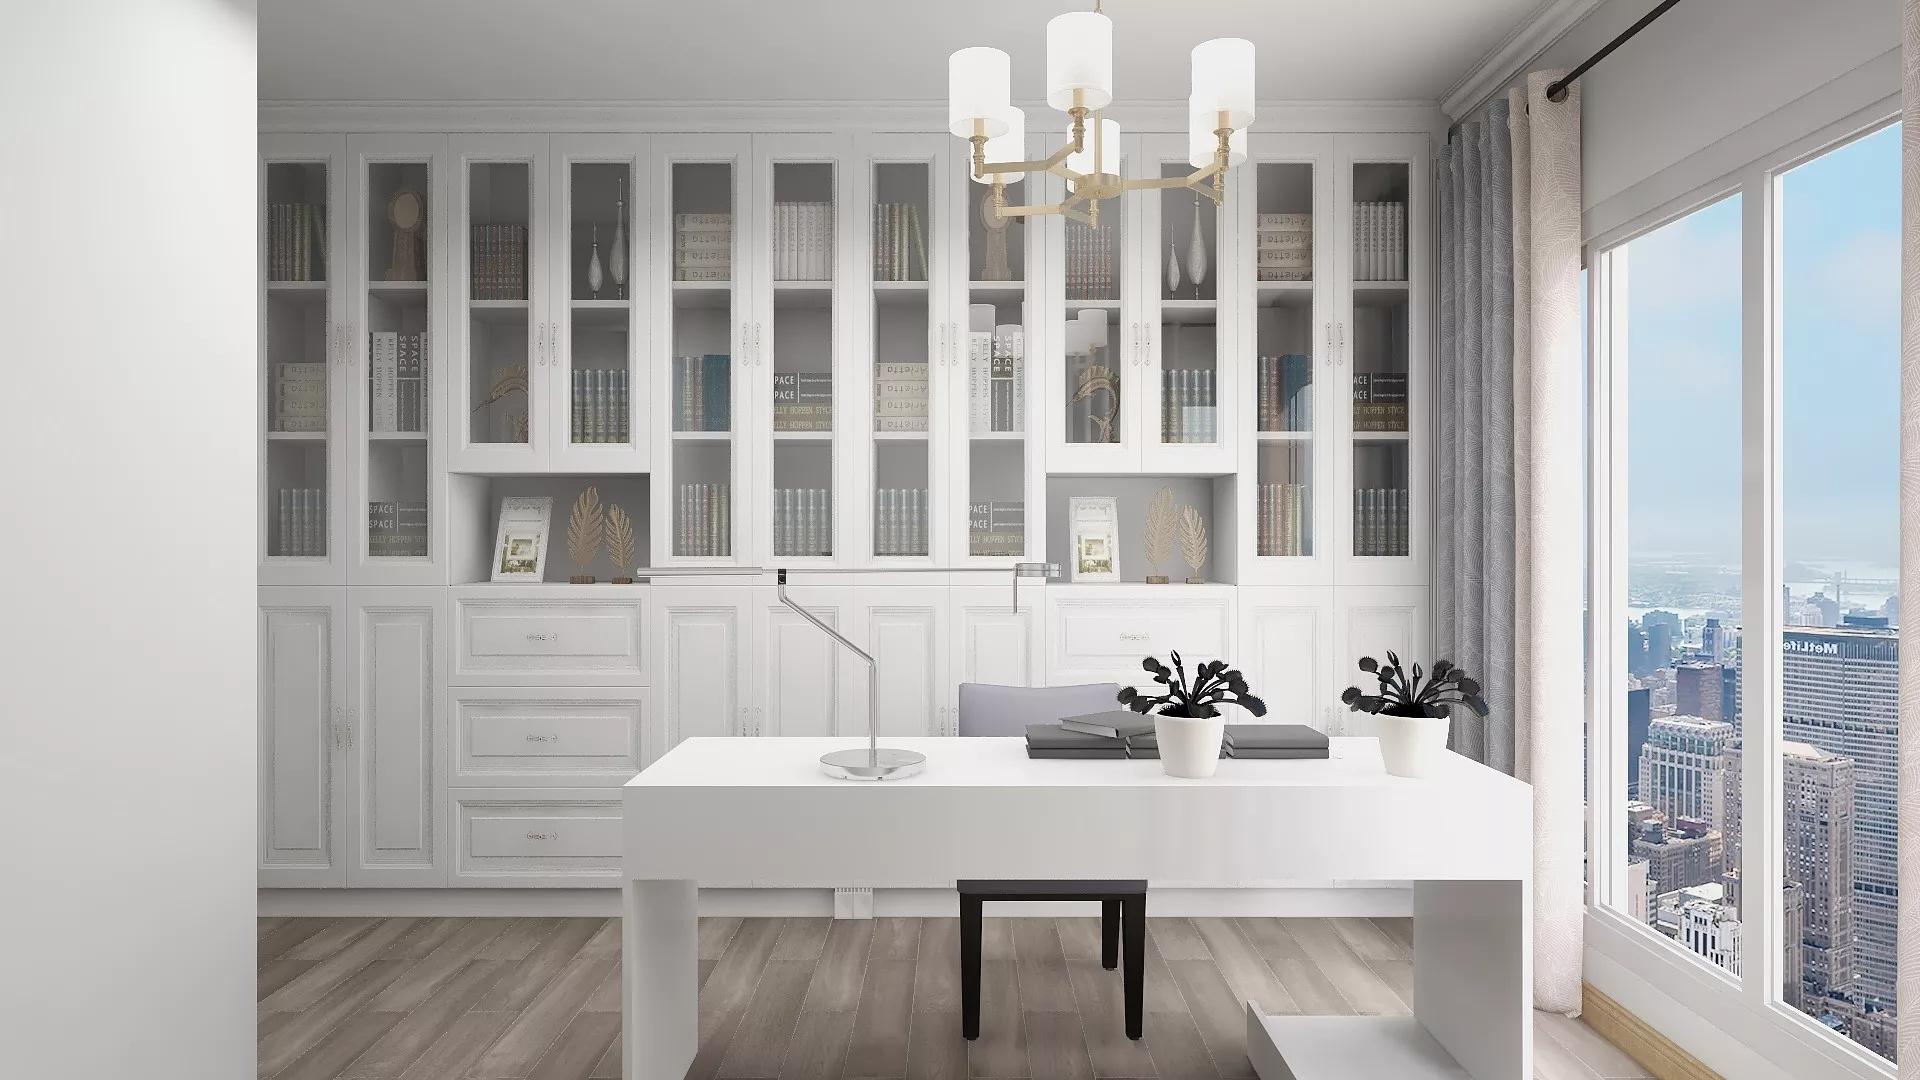 简洁清新风格开放式厨房装修效果图